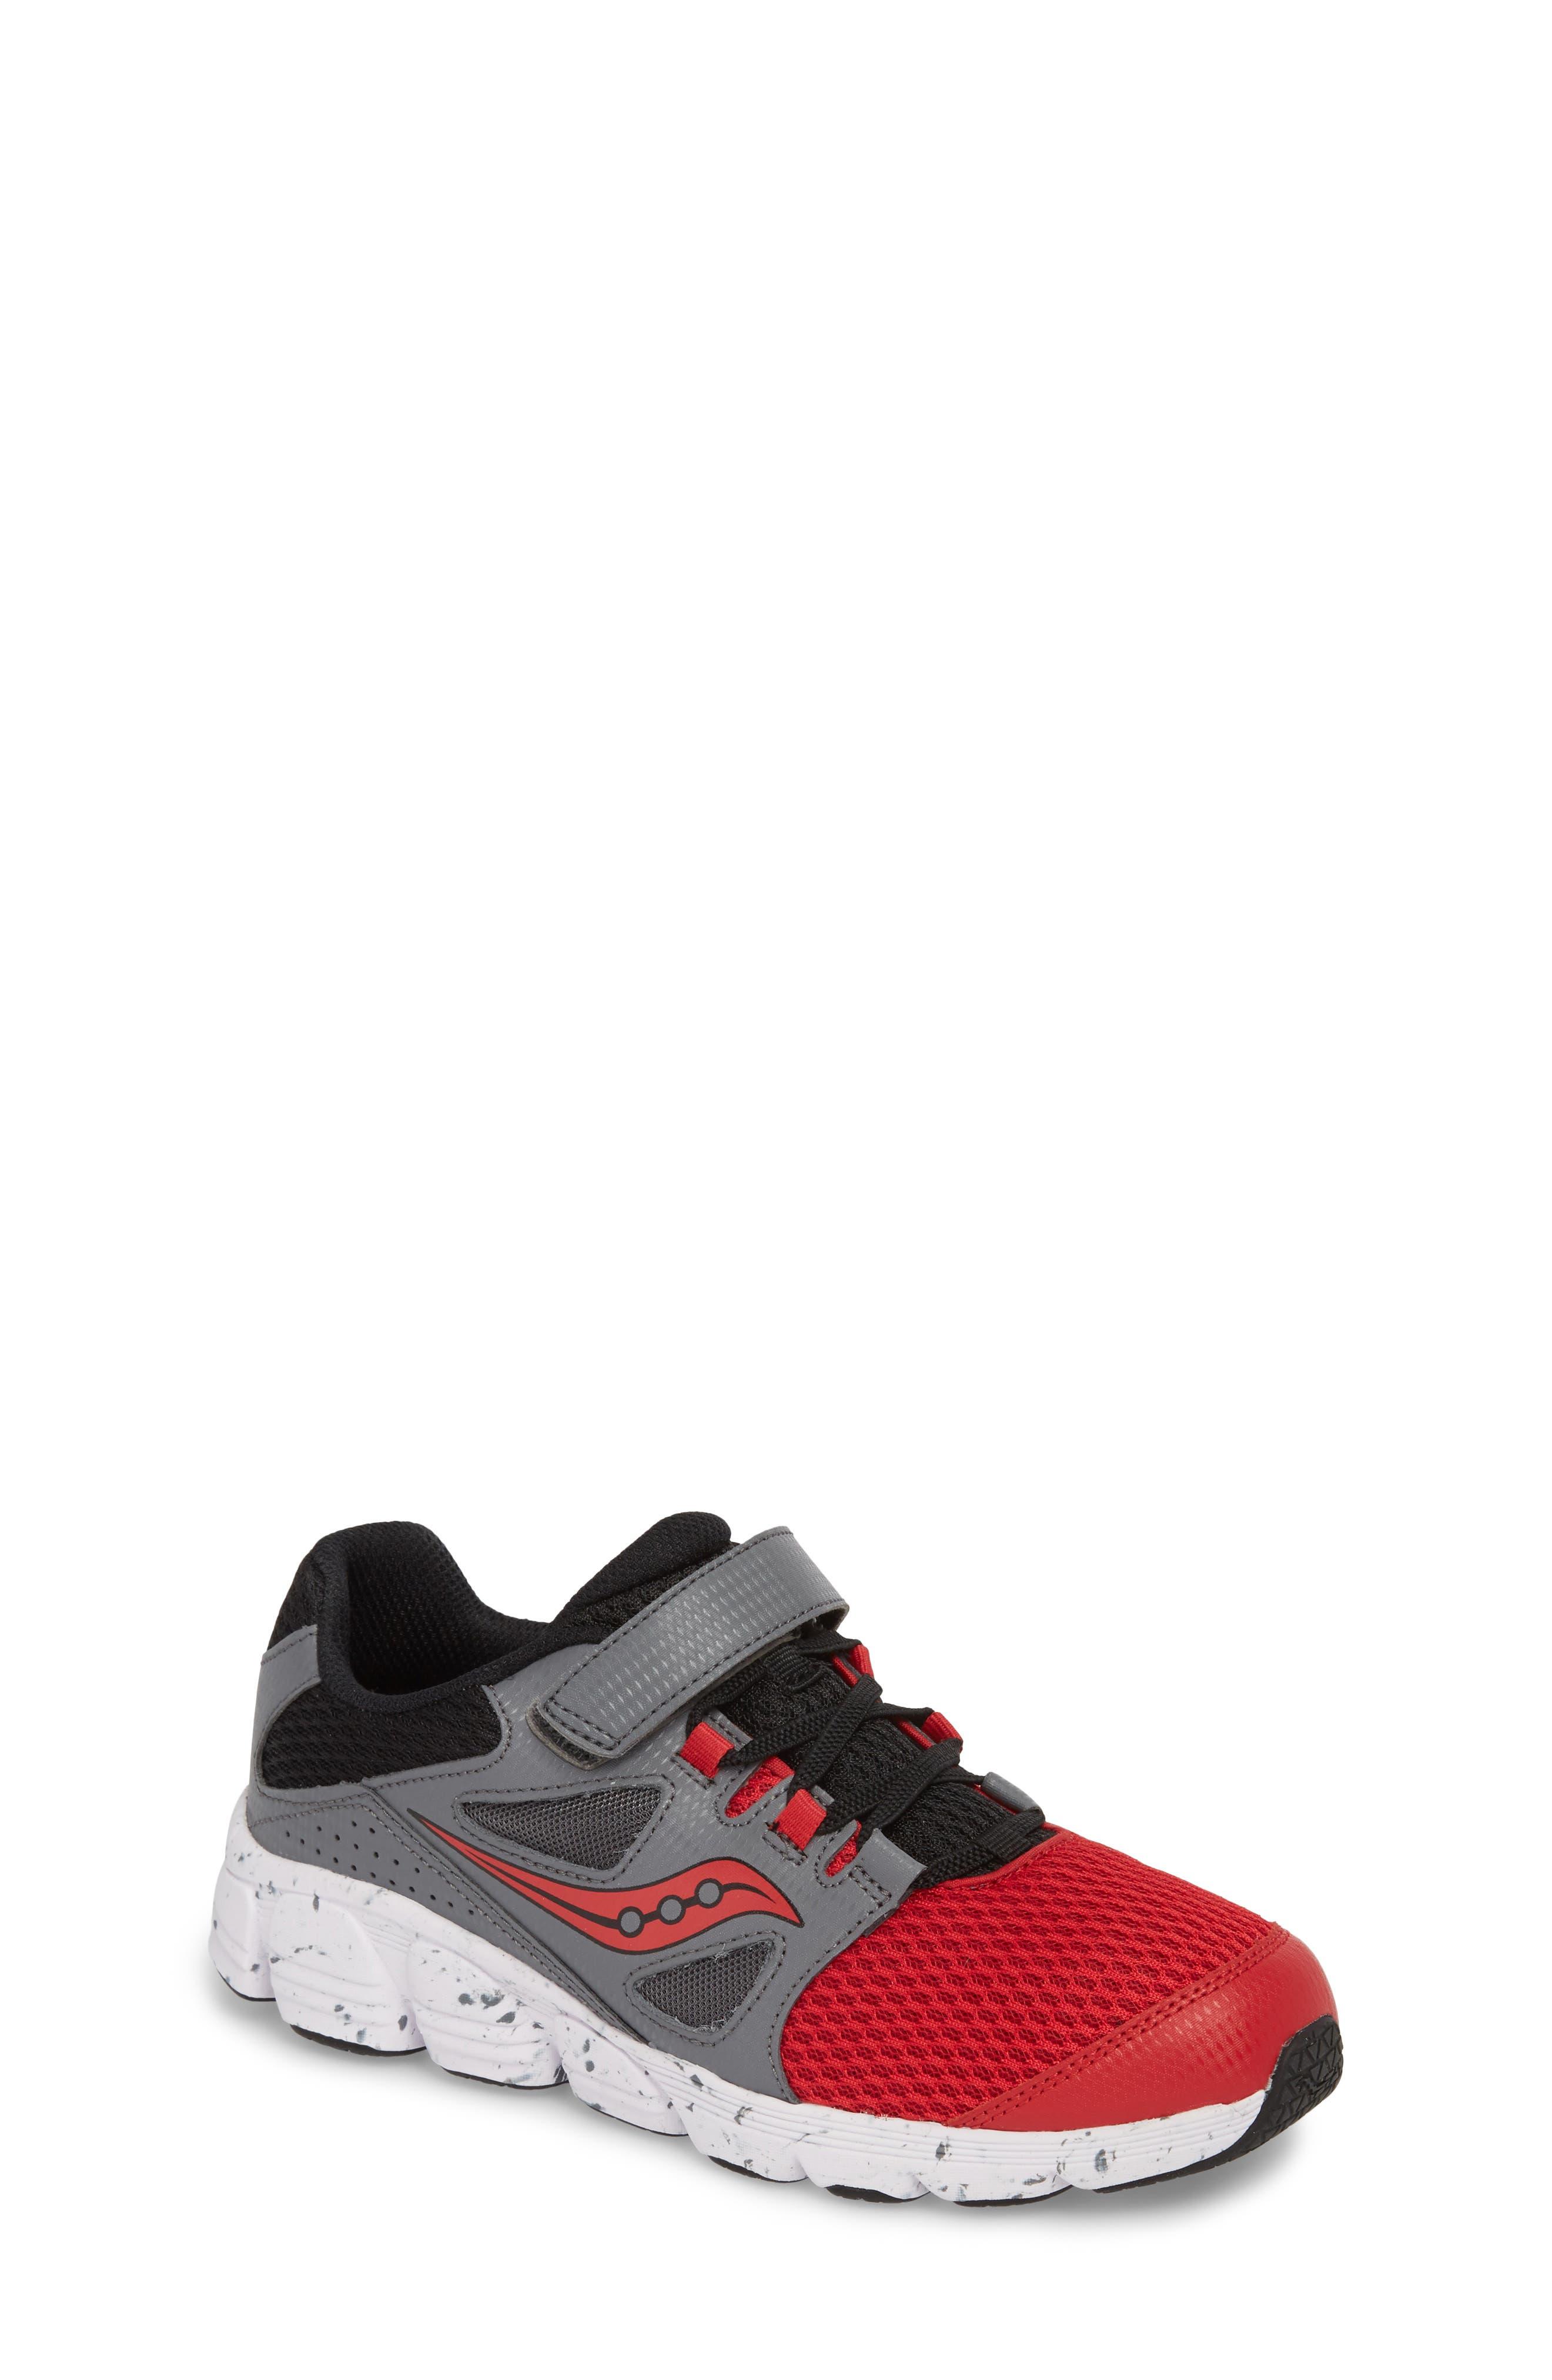 Kotaro 4 Sneaker,                         Main,                         color,